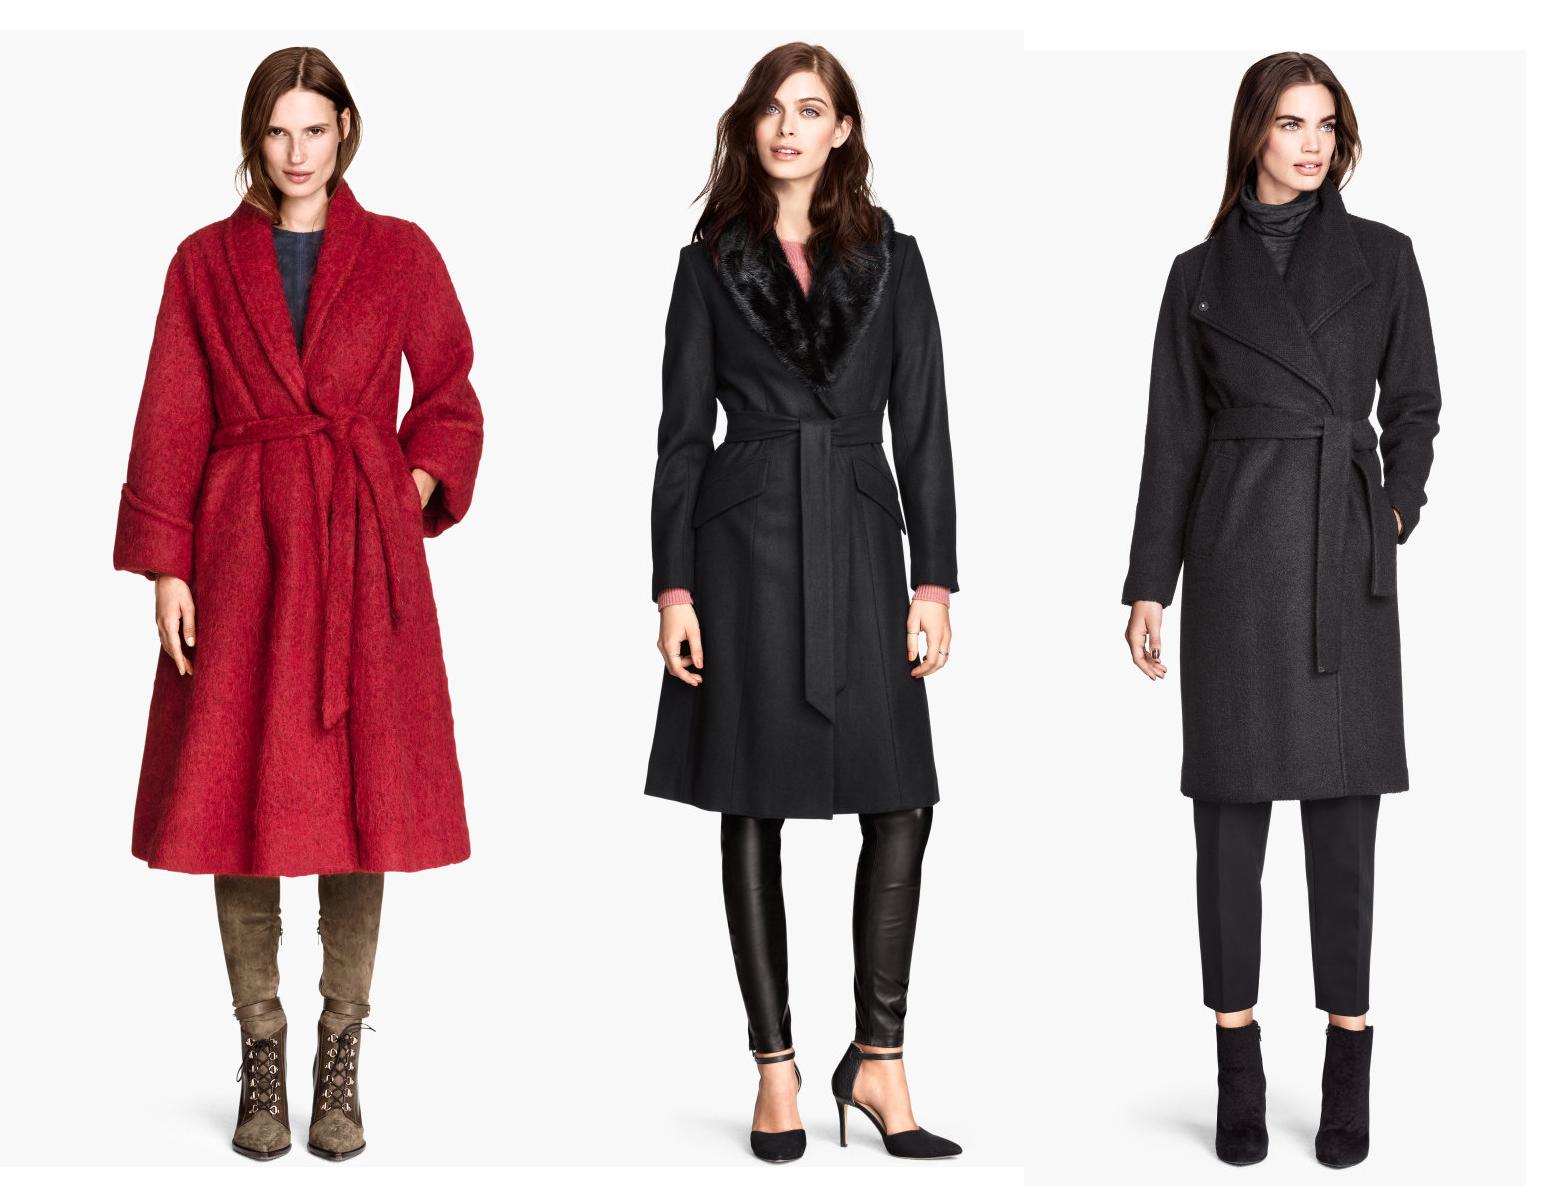 Как в халате: носим пальто на запах - фото №1